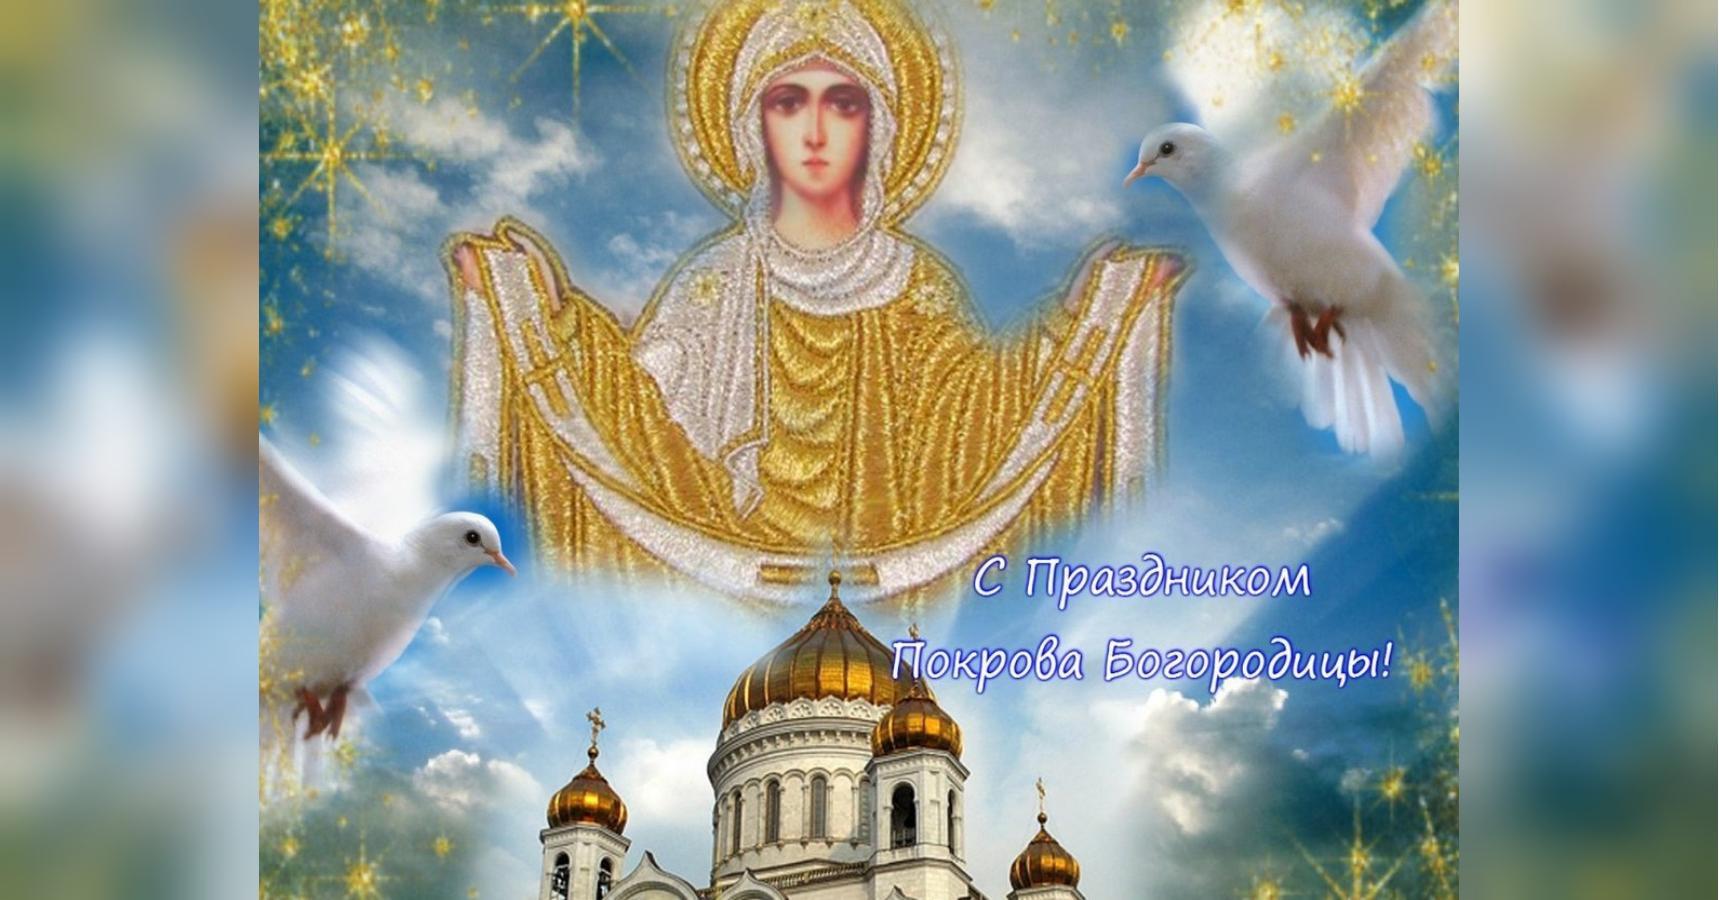 Имя марина, открытка покров пресвятой богородицы в 2019